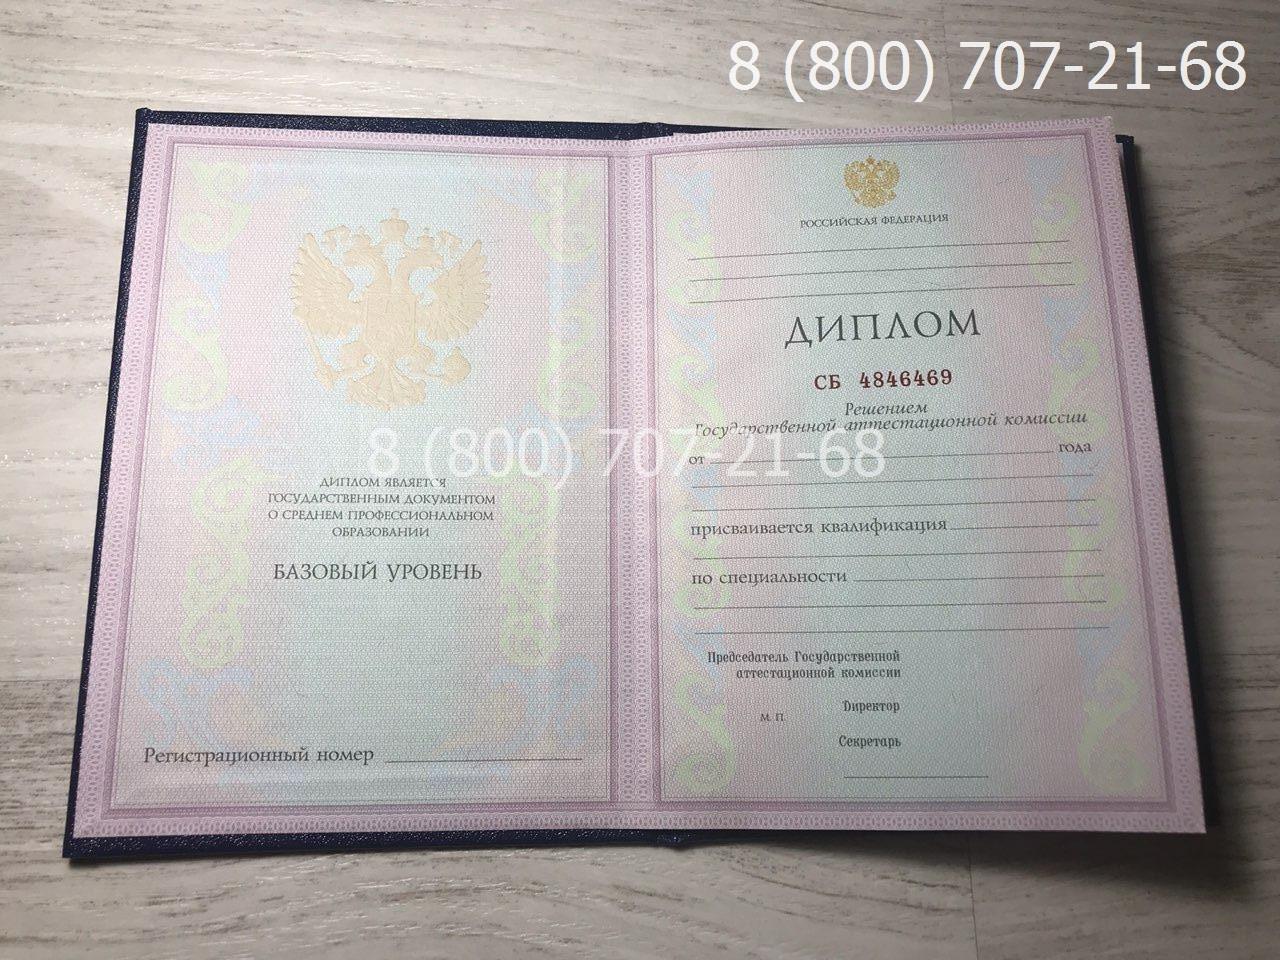 Диплом техникума 1997-2003 года 1 фото